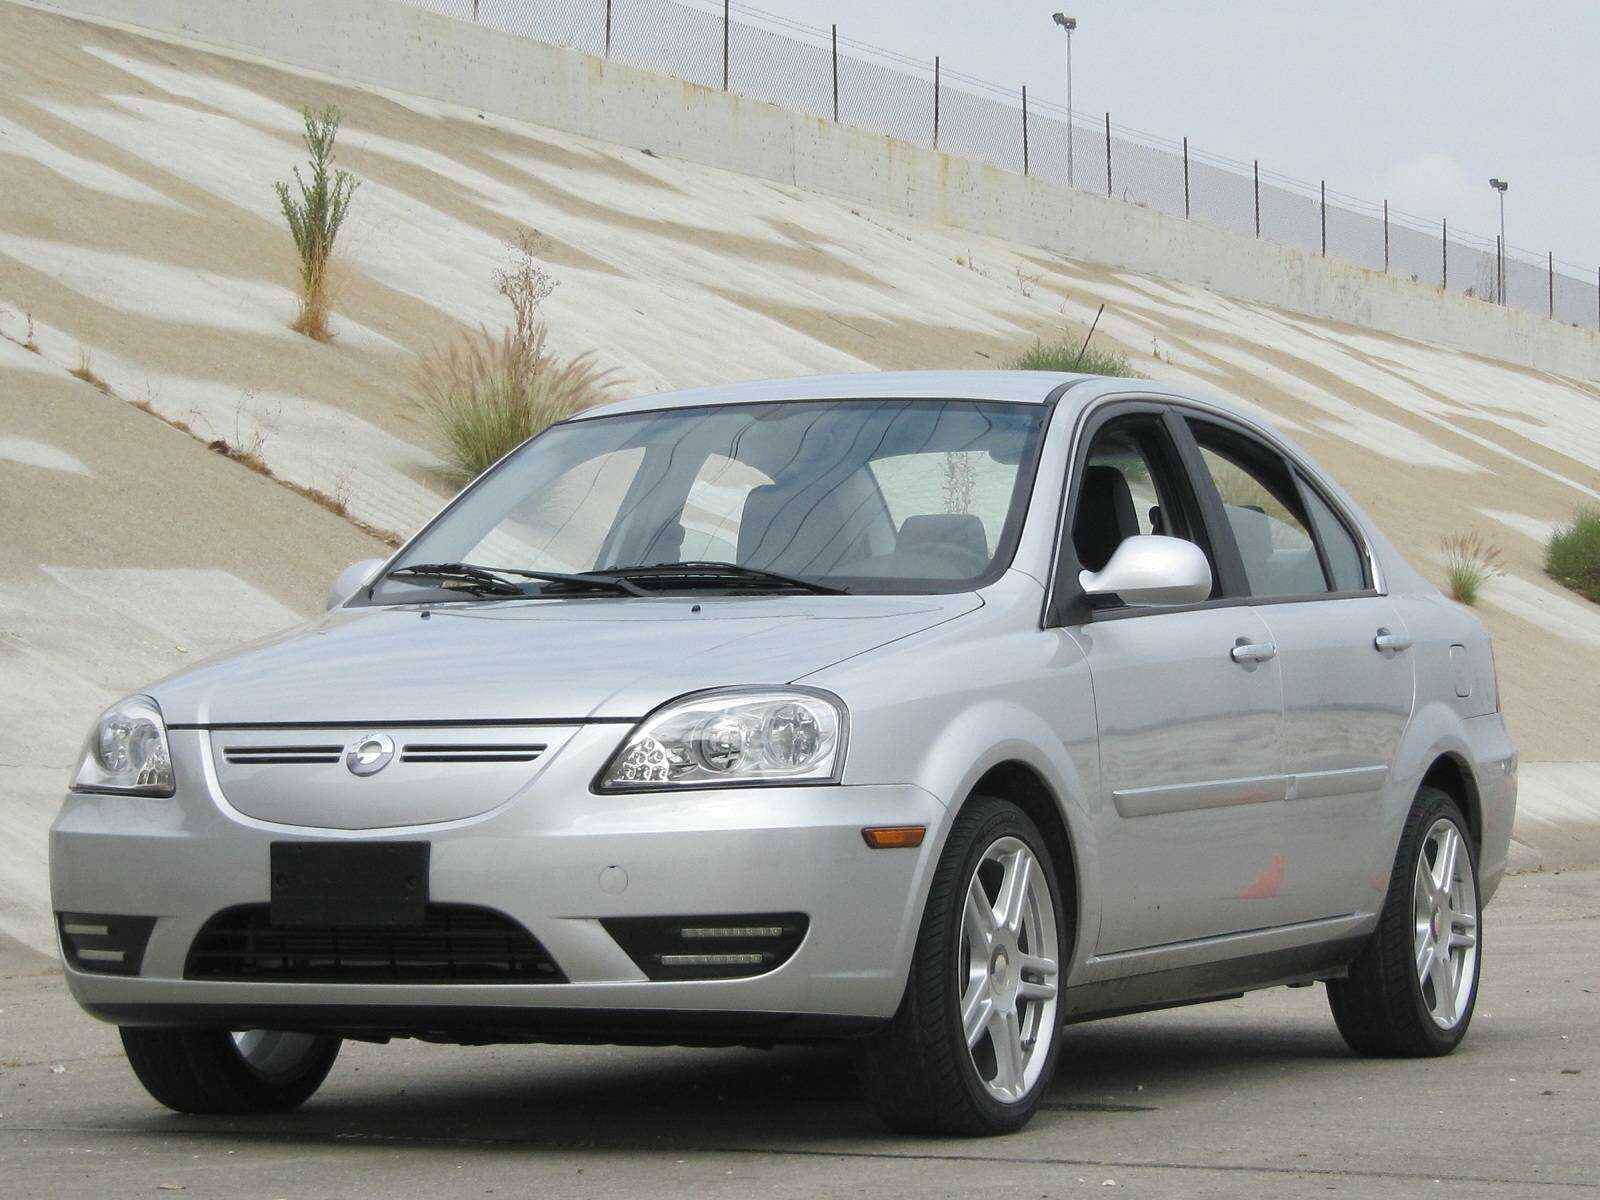 Coda's Sedan automobile